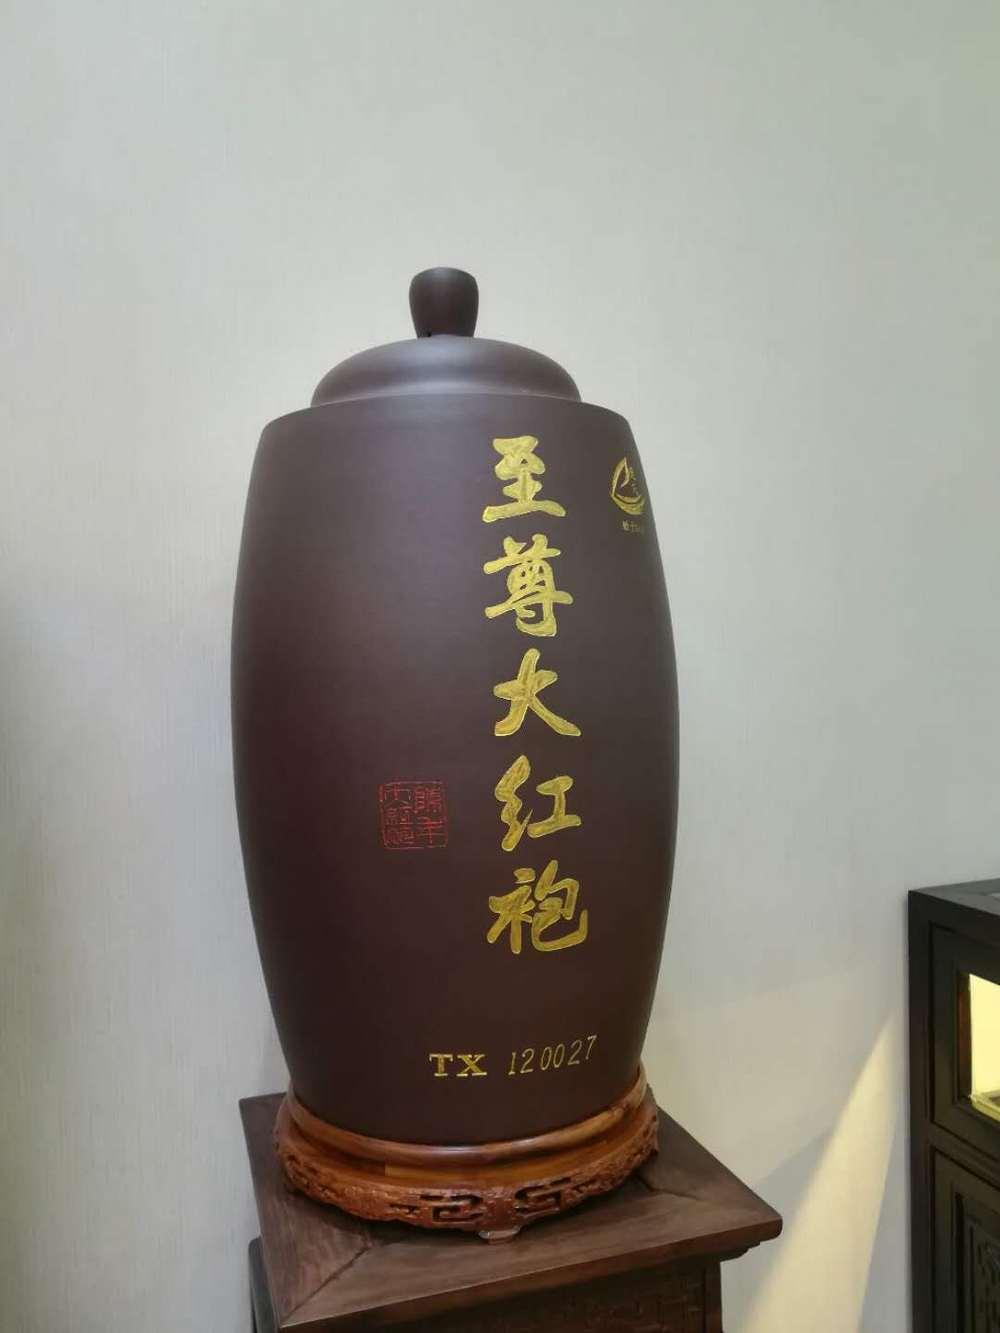 居然喝到30年的陈茶大红袍